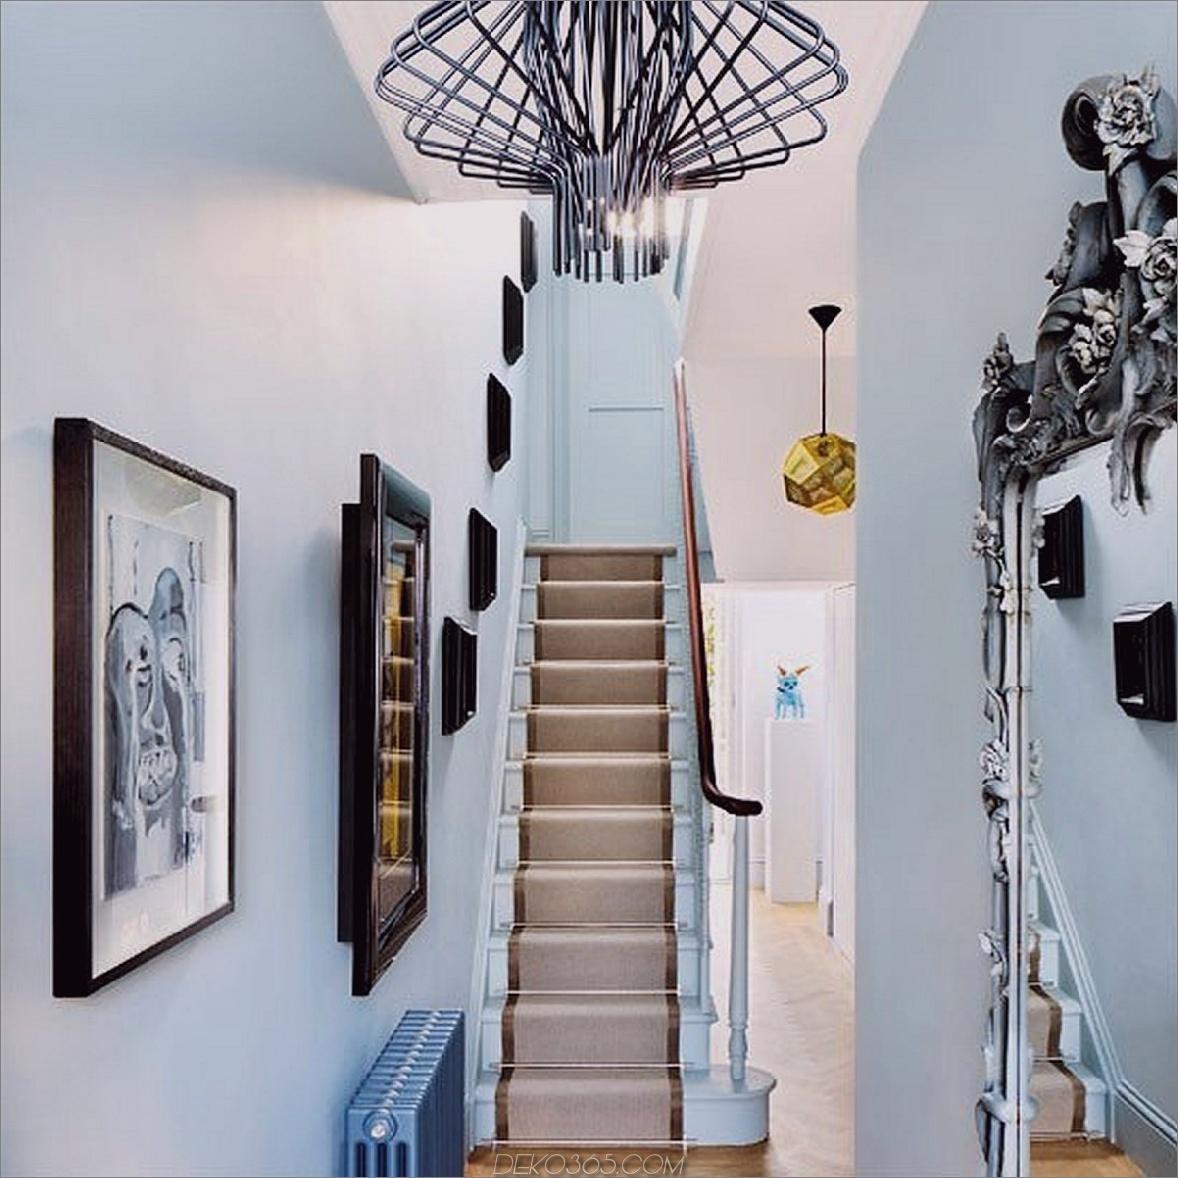 modernes Treppenhaus mit Leuchte Innovative Staircase Decorating Ideas